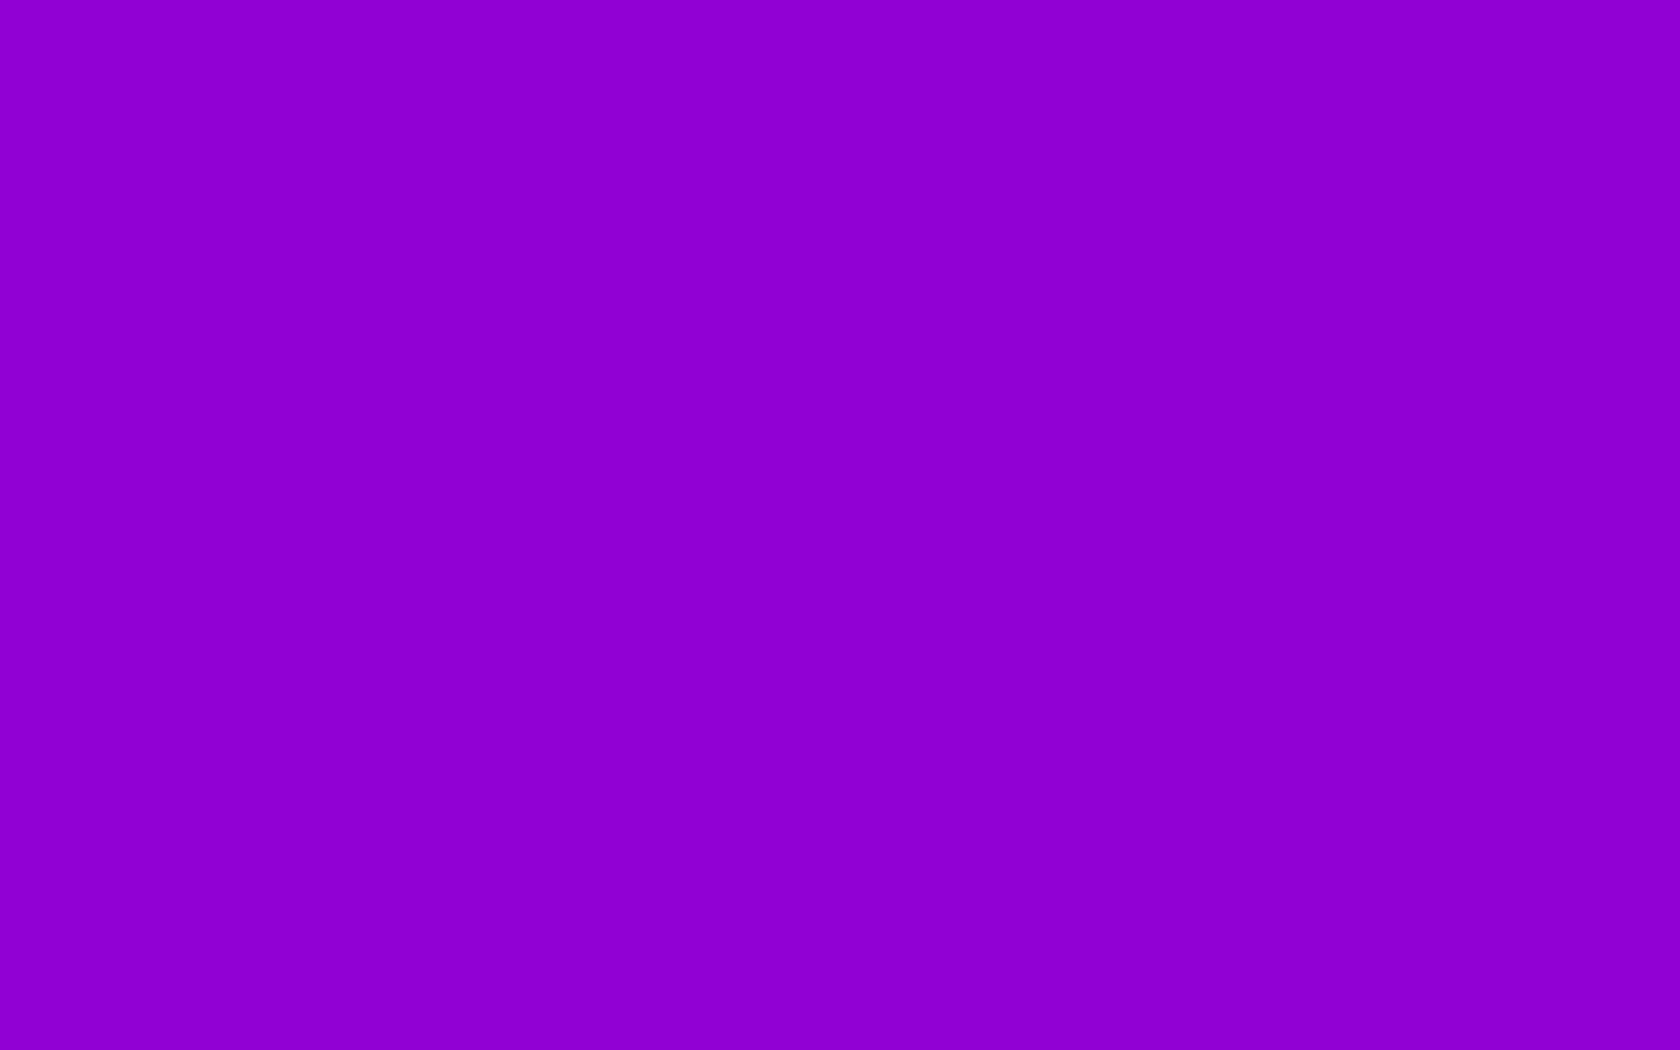 1680x1050 Dark Violet Solid Color Background